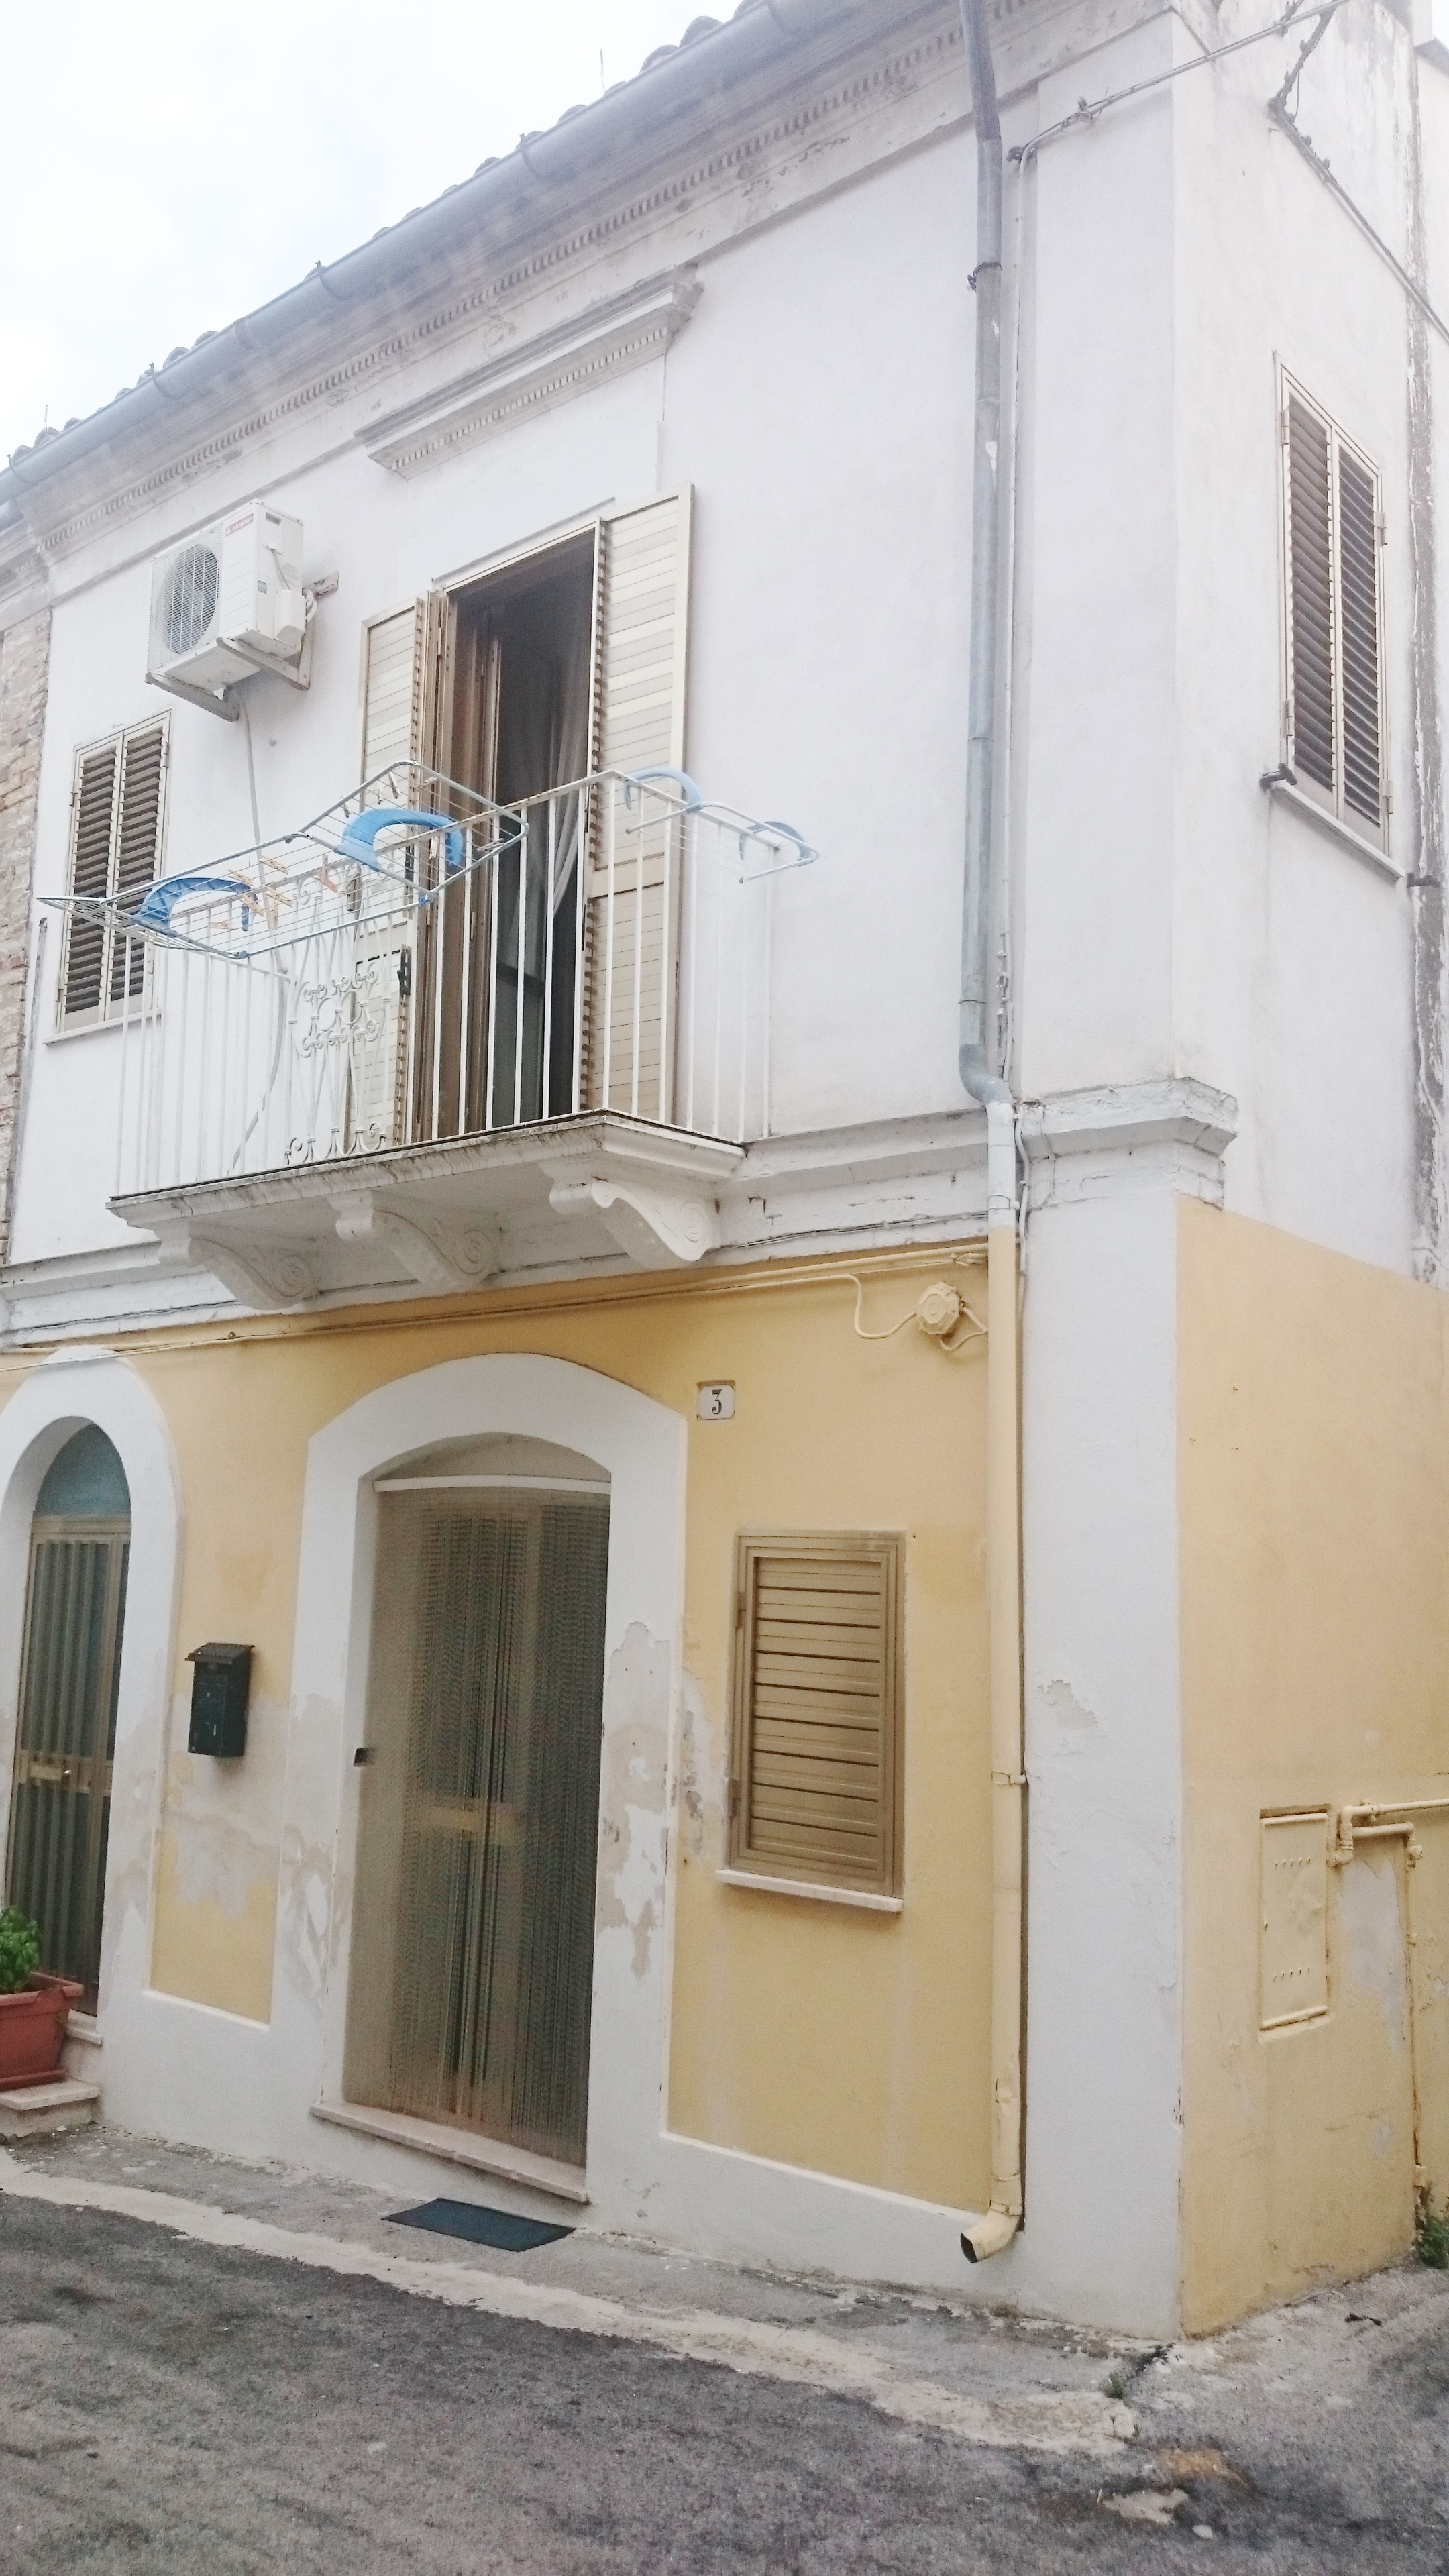 Graziosa casa ristrutturata in zona centrale